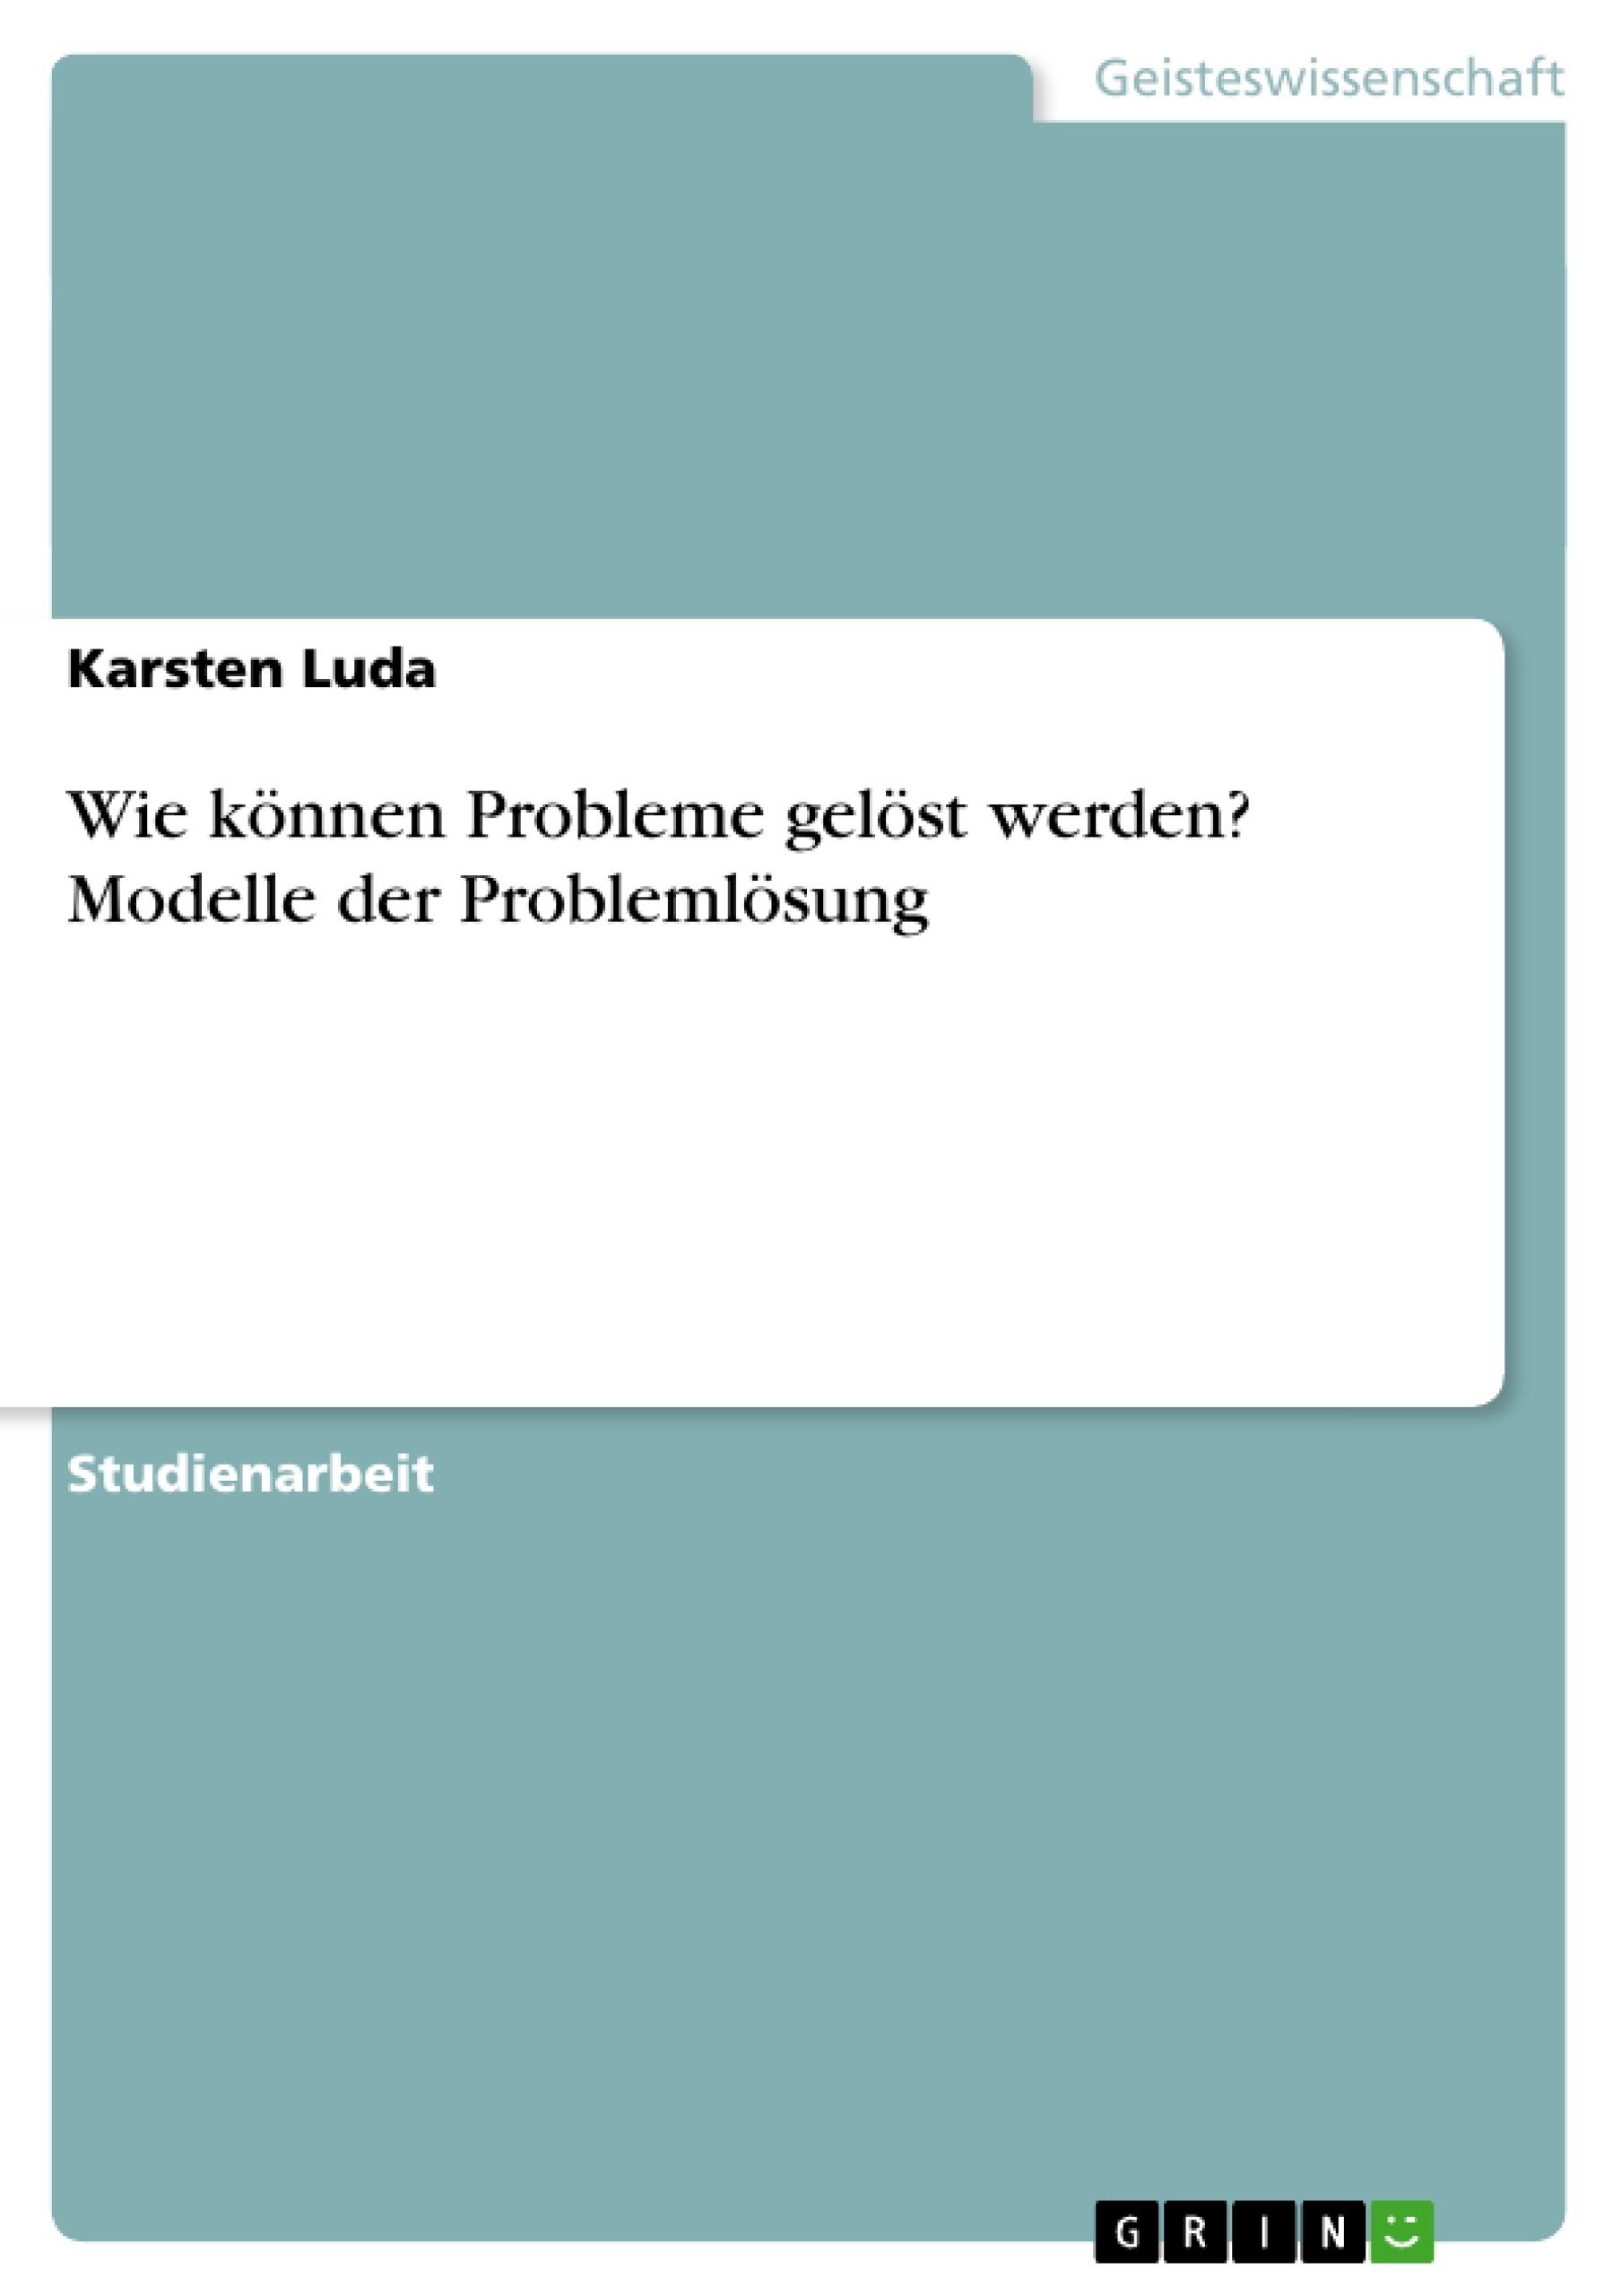 Titel: Wie können Probleme gelöst werden? Modelle der Problemlösung